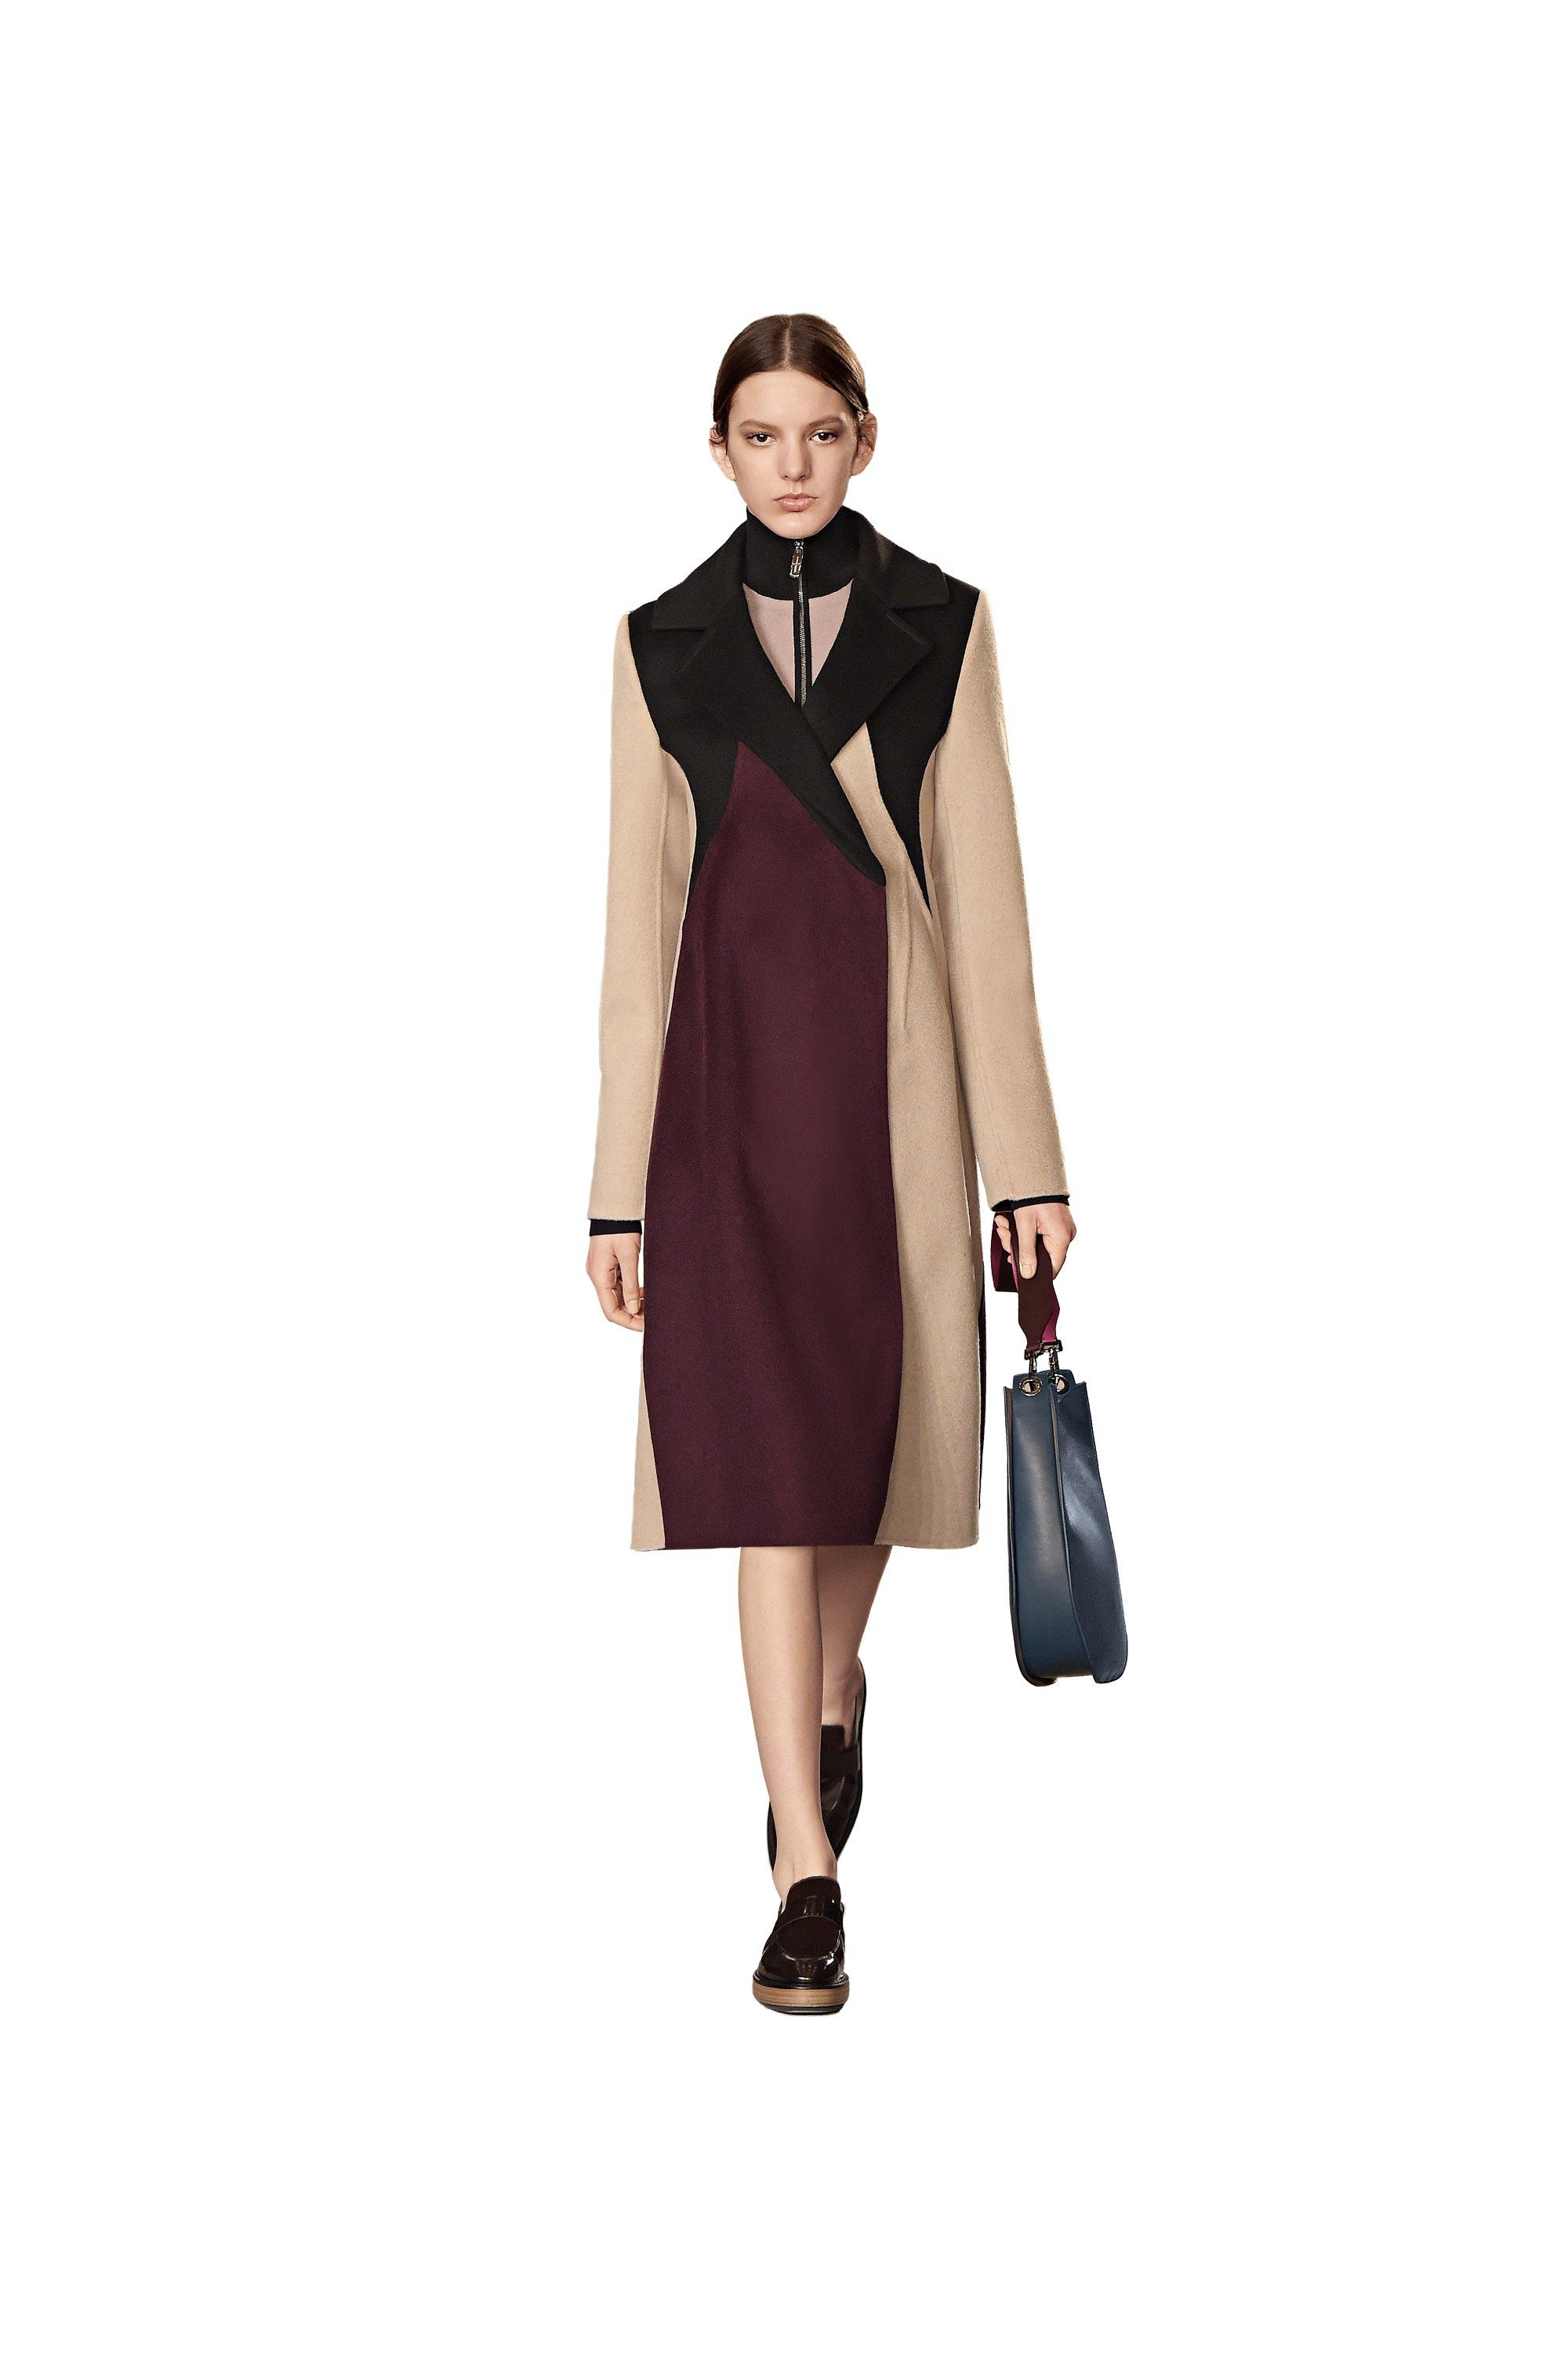 Manteau noir, violet et beige, mocassins noirs et sac à main bleu BOSS